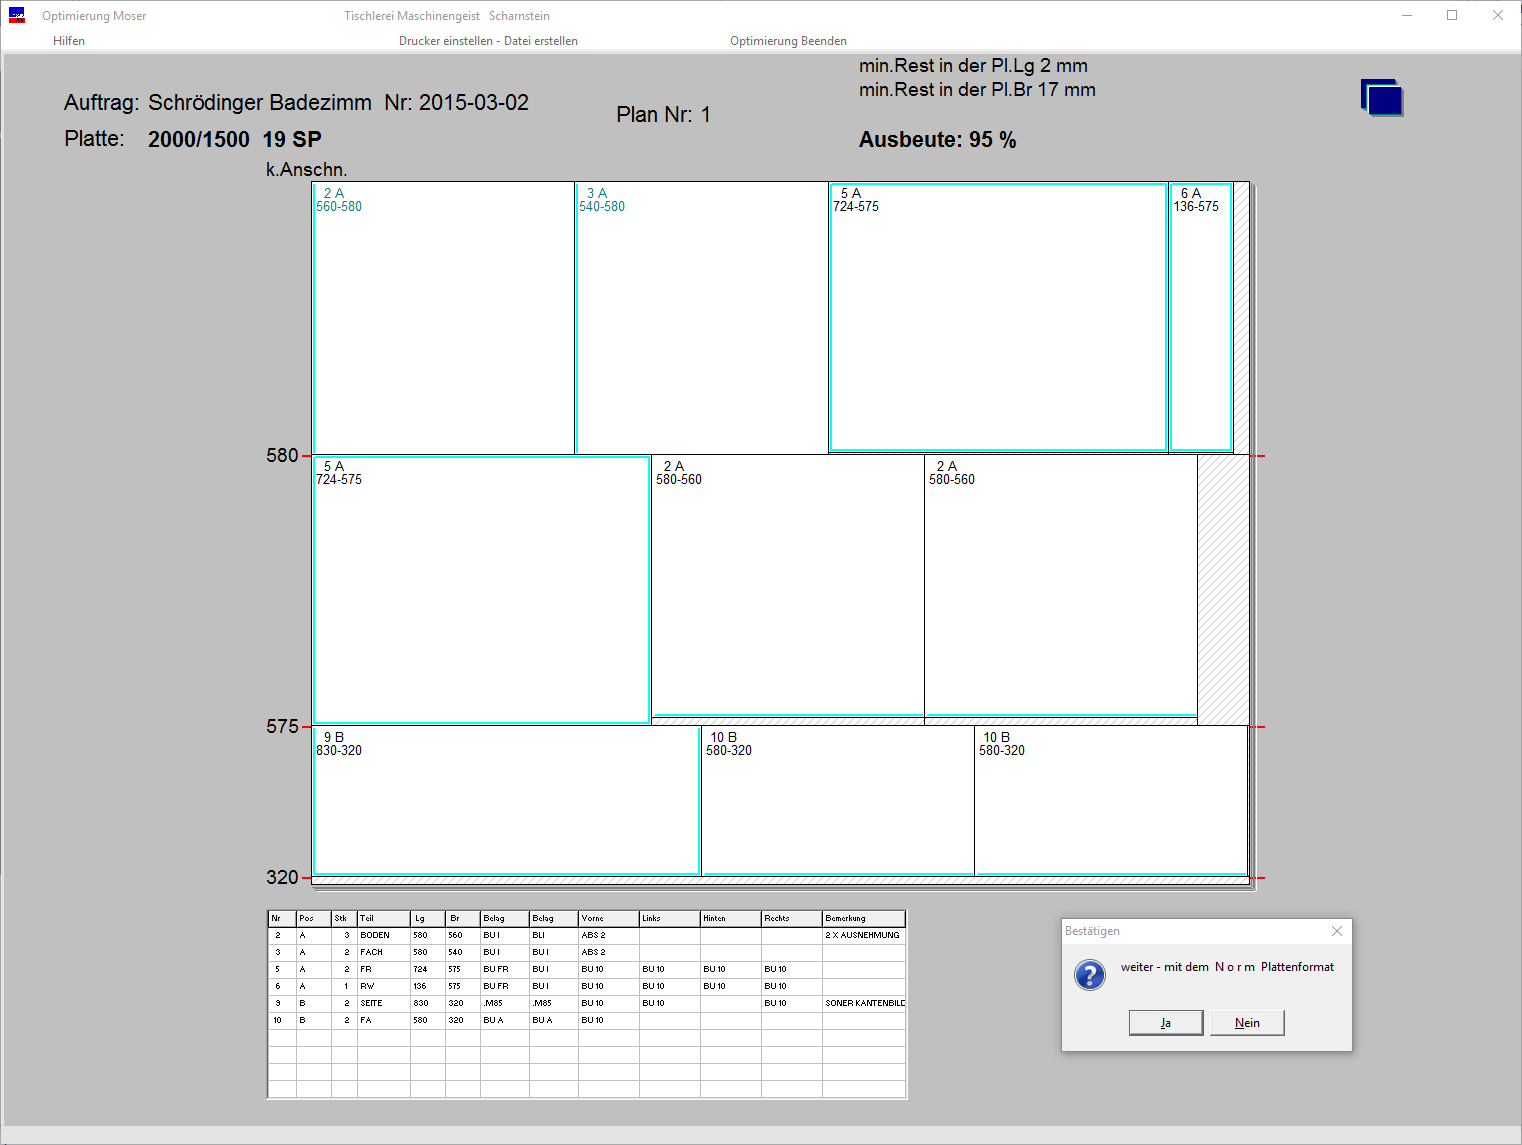 Zuschnittplan und Optimierung